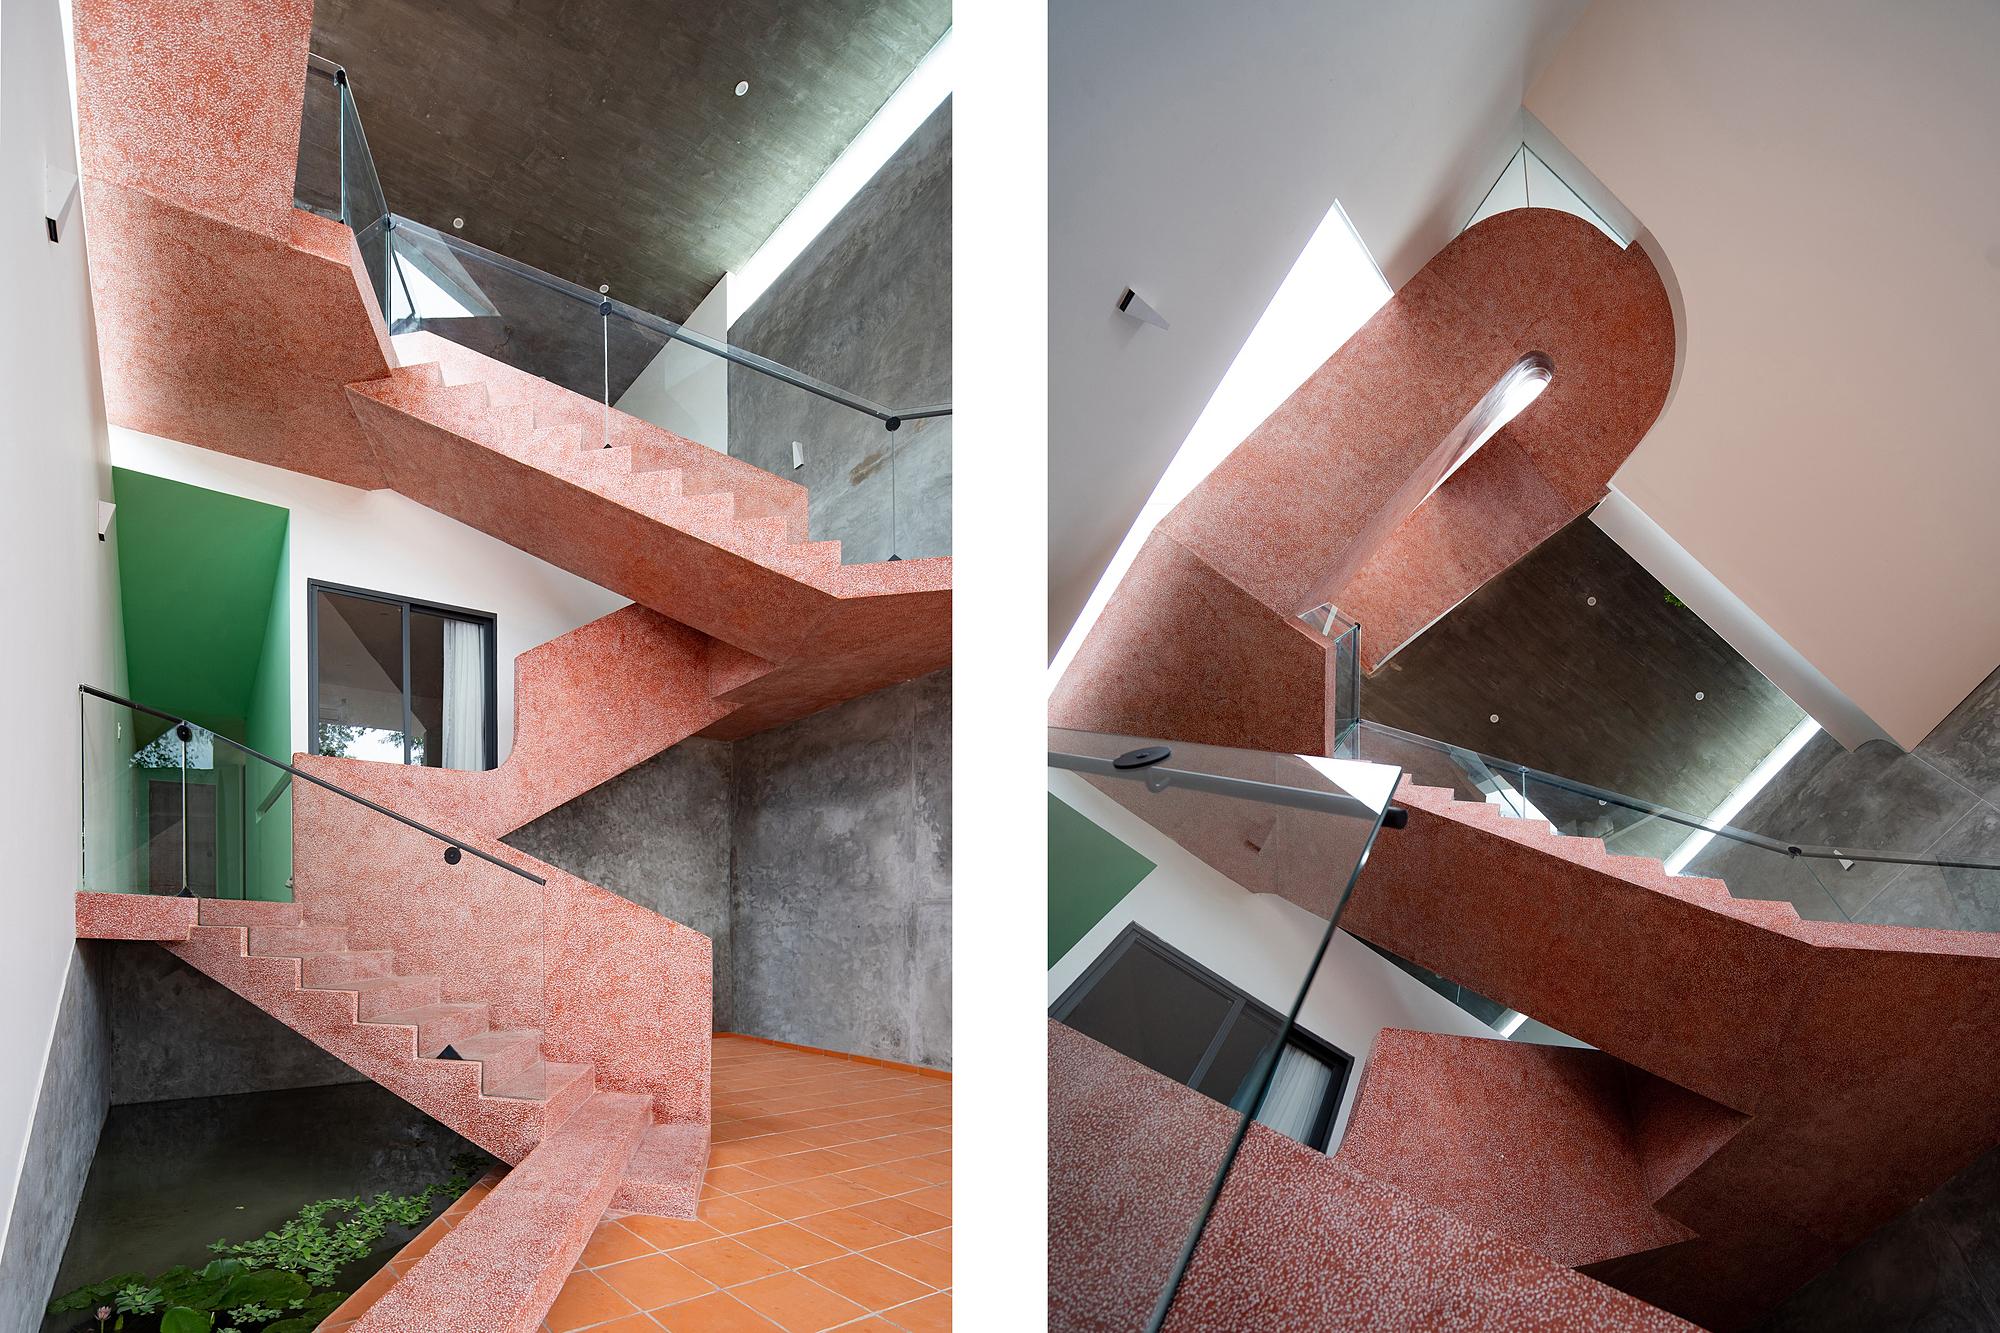 Cầu thang phía sau nhấn mạnh độ nghiêng của nhà và là điểm nhấn kết nối toàn bộ công trình.